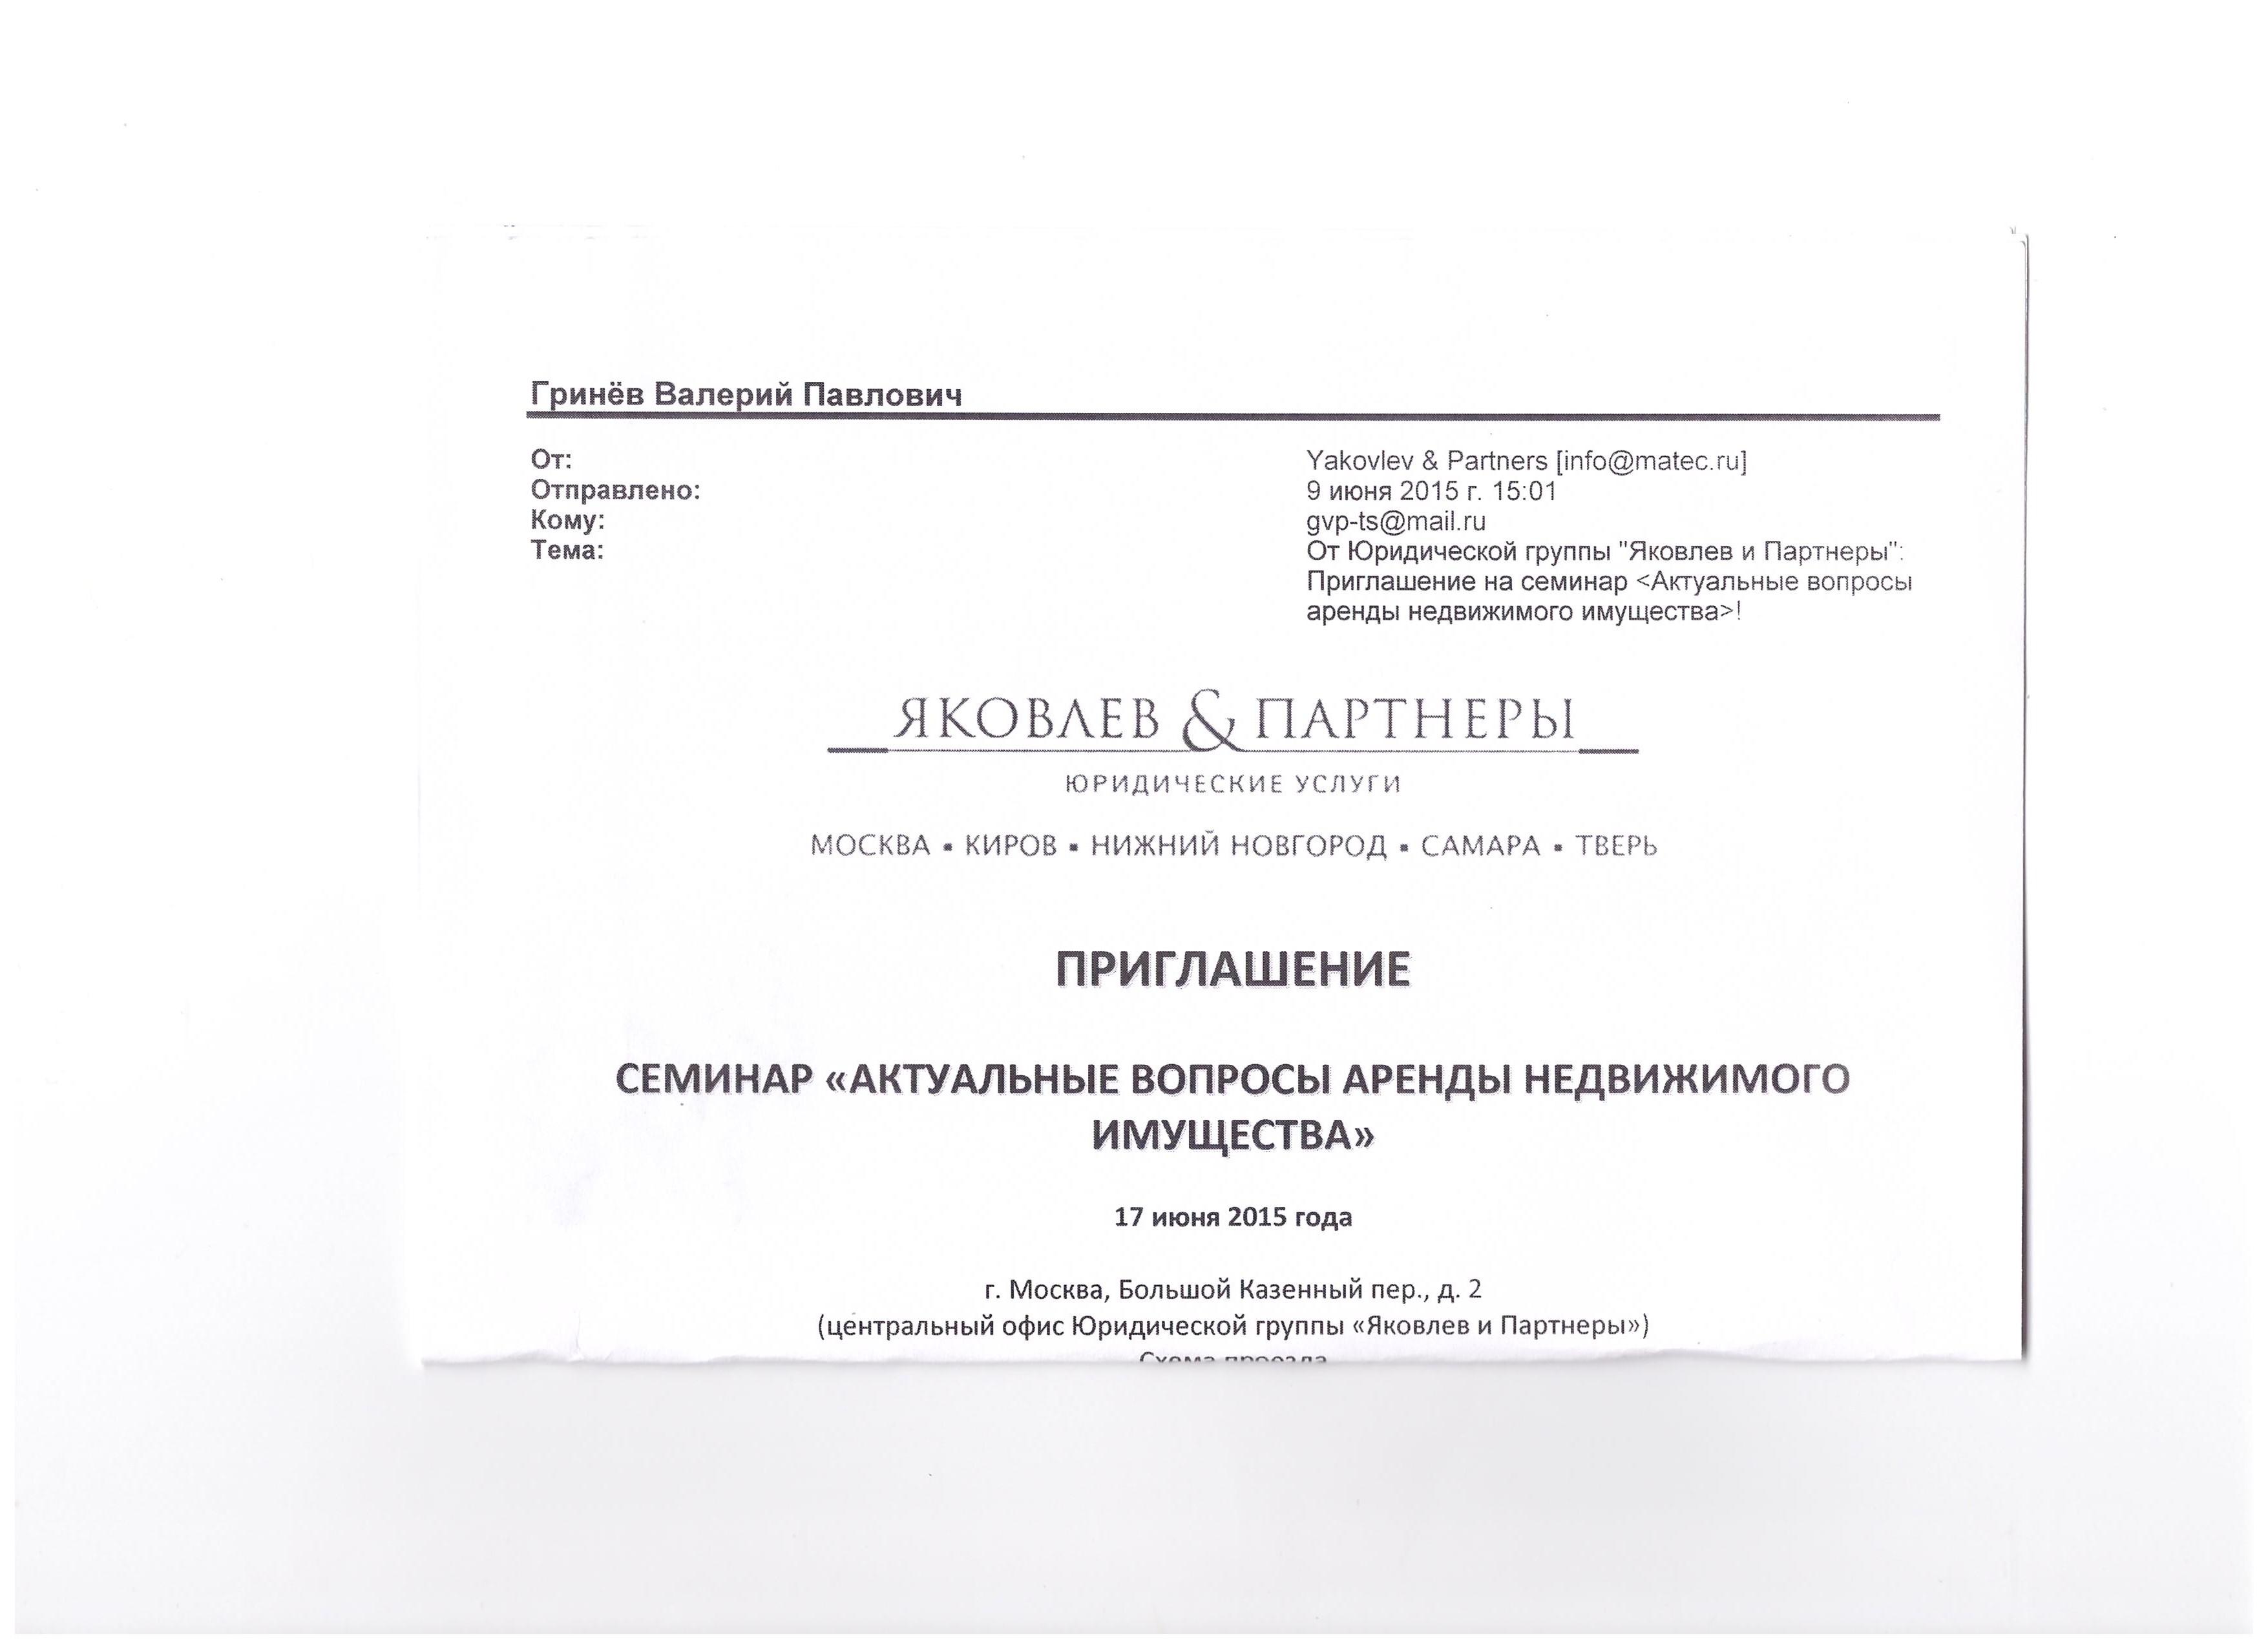 Сотрудники Гринев Валерий Павлович Национальный   Приглашение jpg